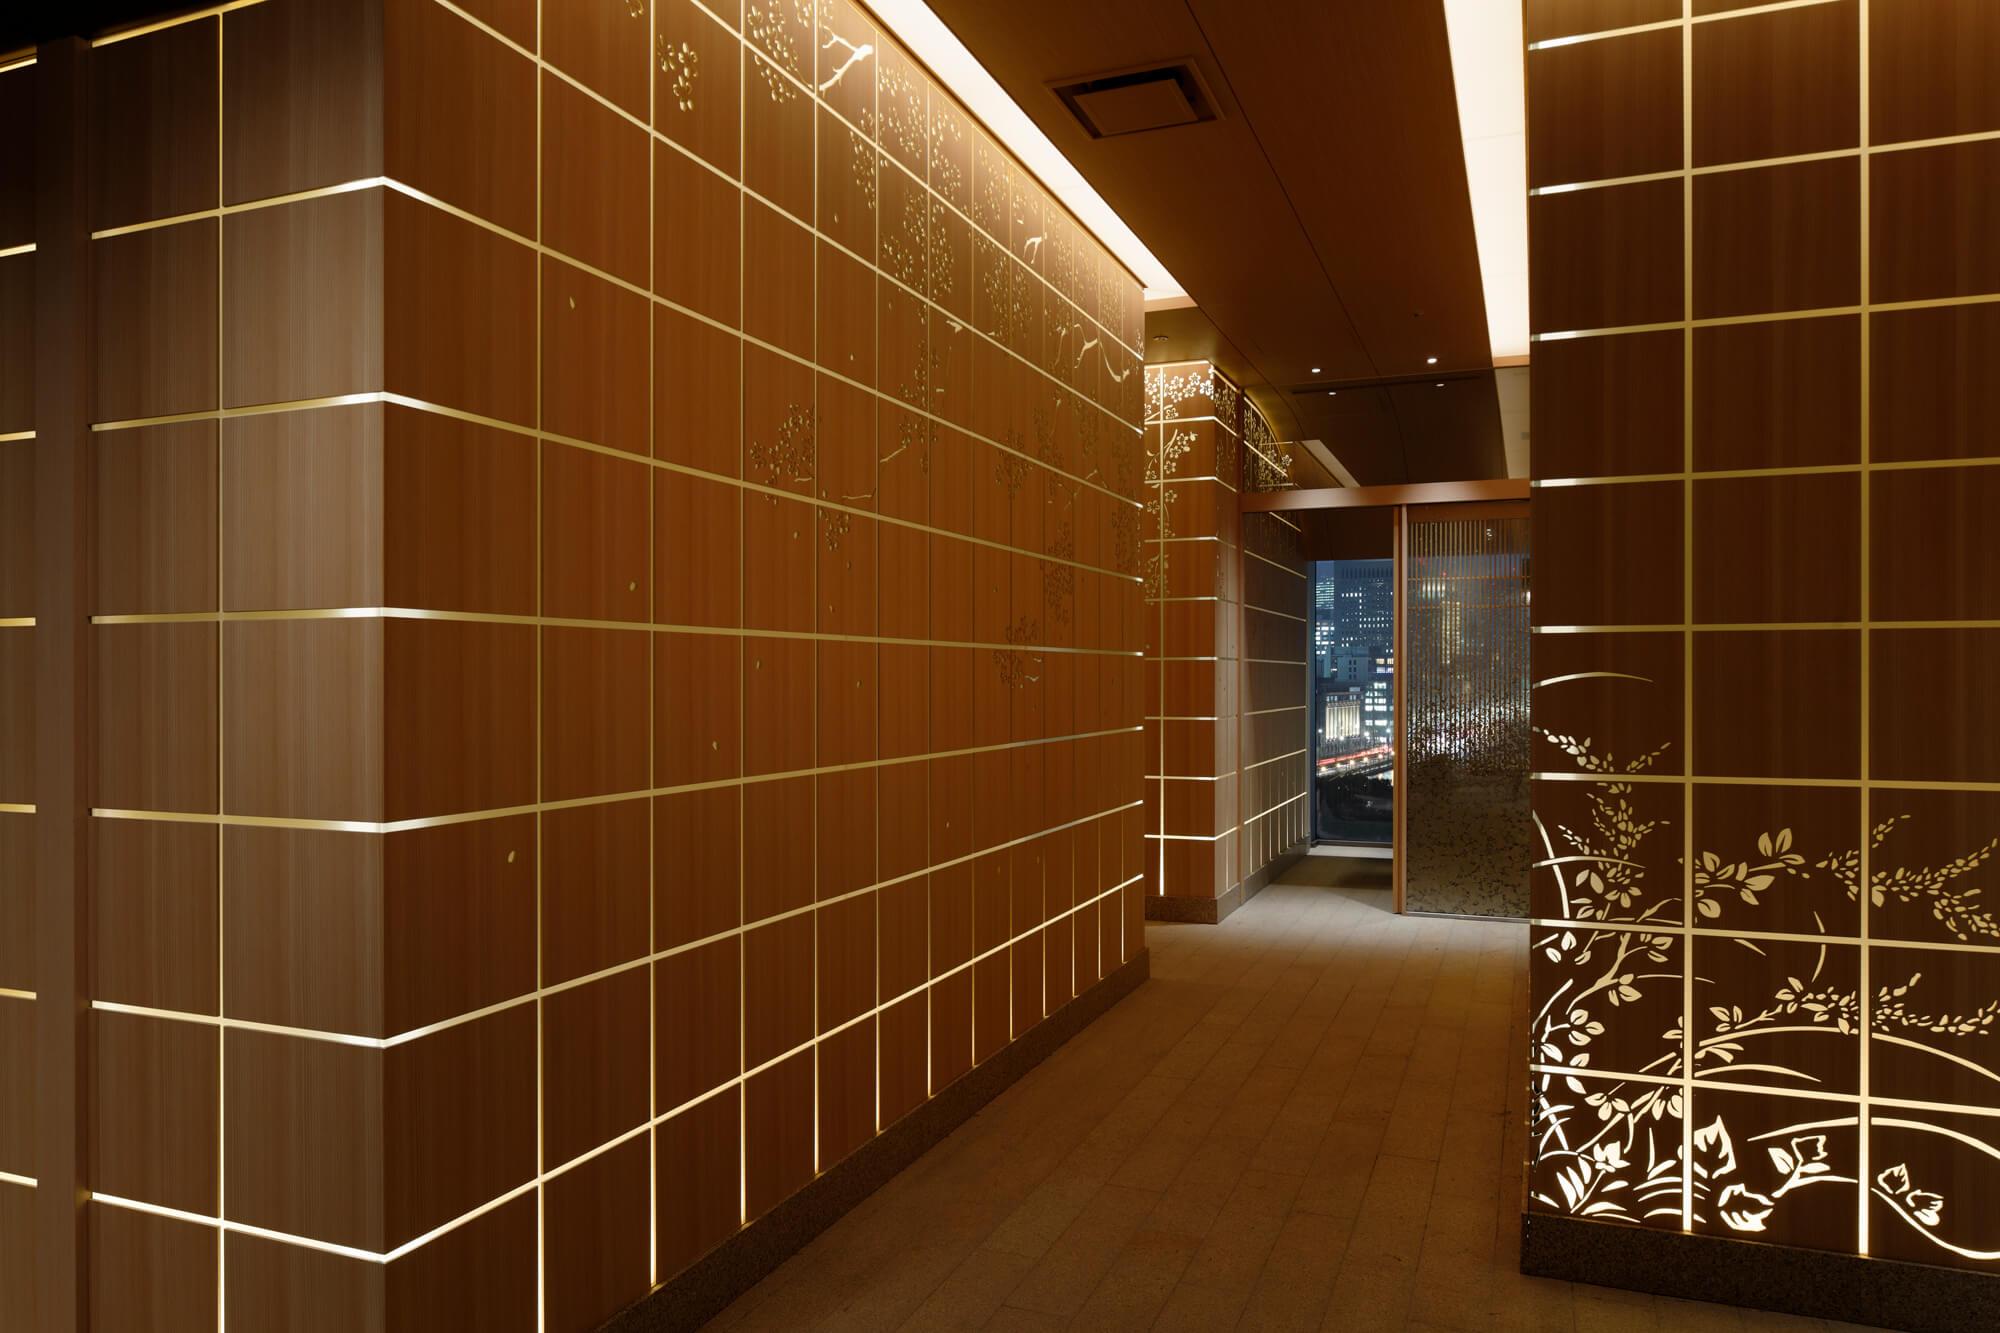 パレスホテル東京 和田倉